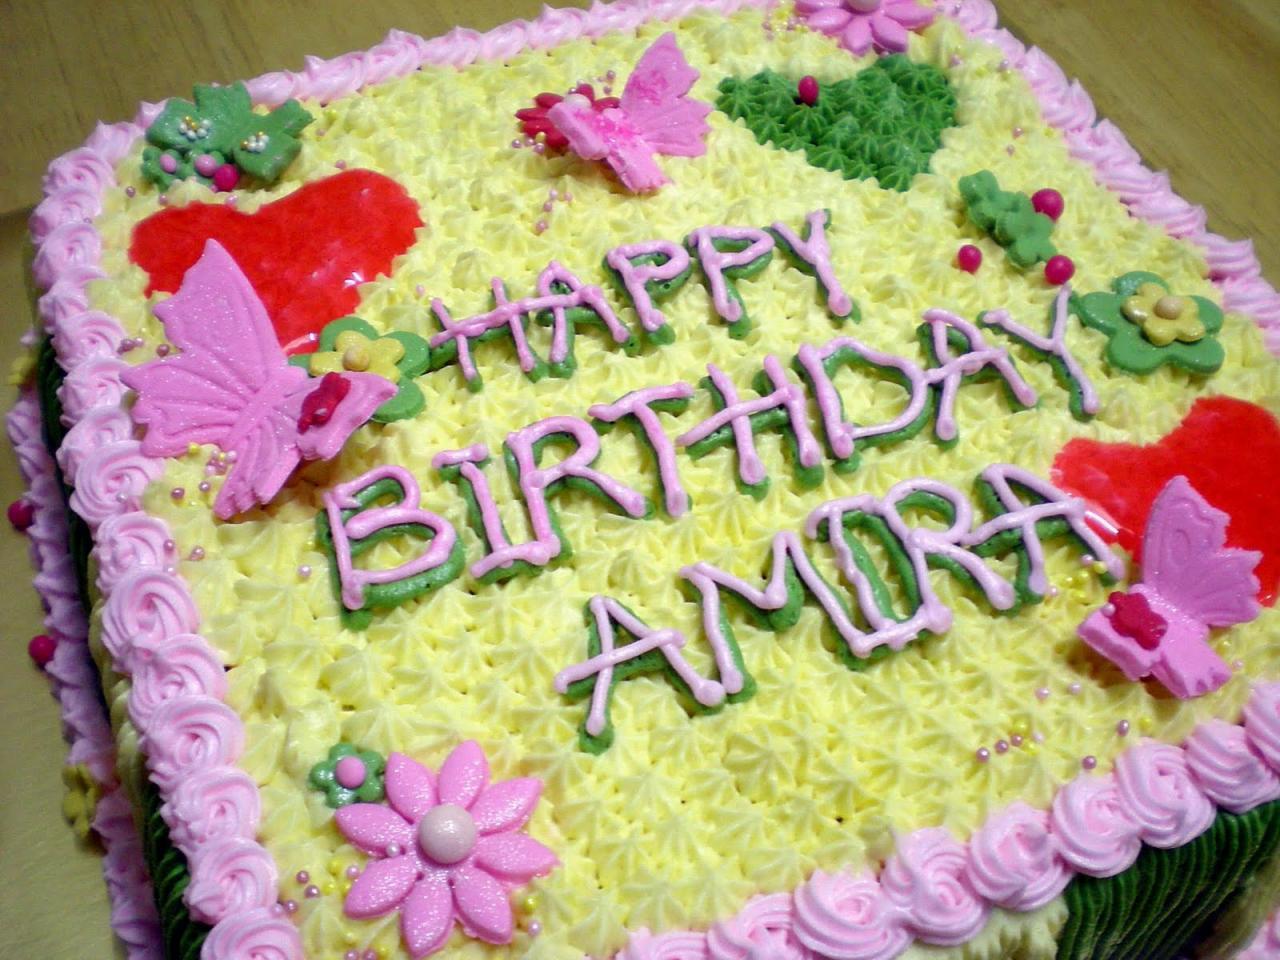 صورة تورته عيد ميلاد مكتوب عليها اسم احمد , اجمل تورته لعيد ميلاد احمد